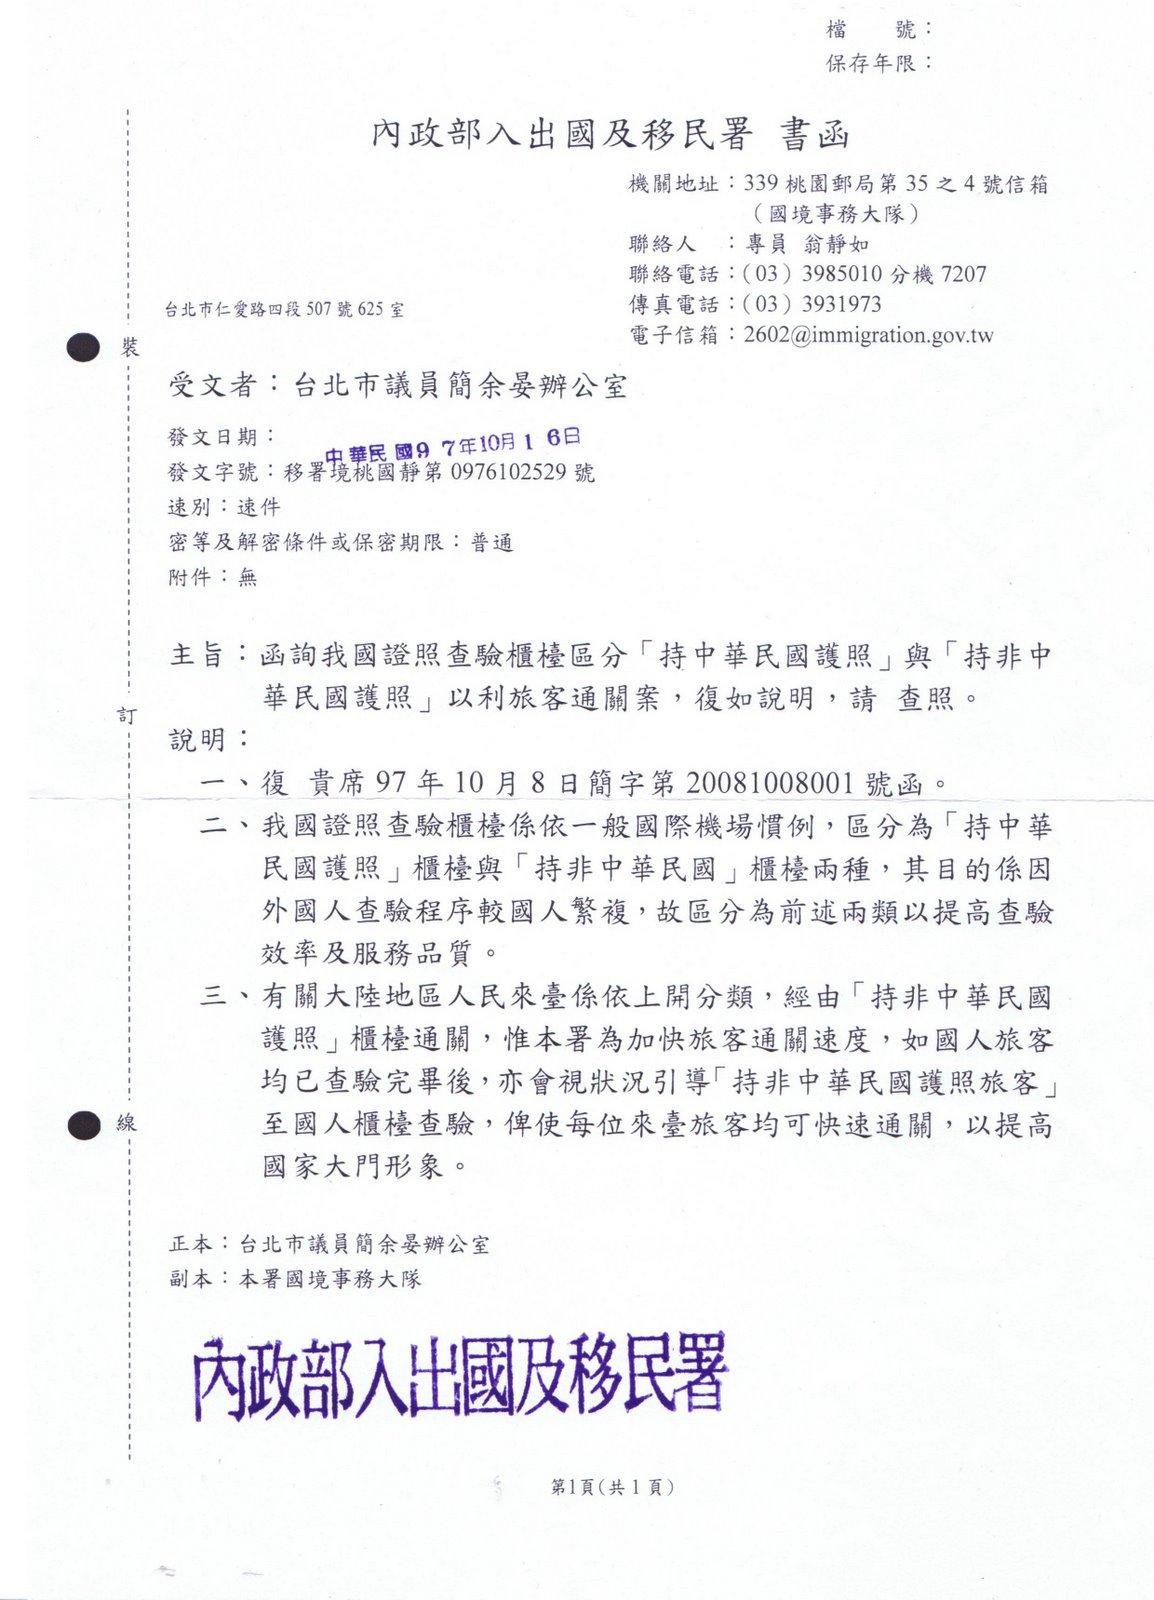 中國人來臺走「臺灣公民」窗口通關,管臺灣的究竟是那一國政府!   Yuyen